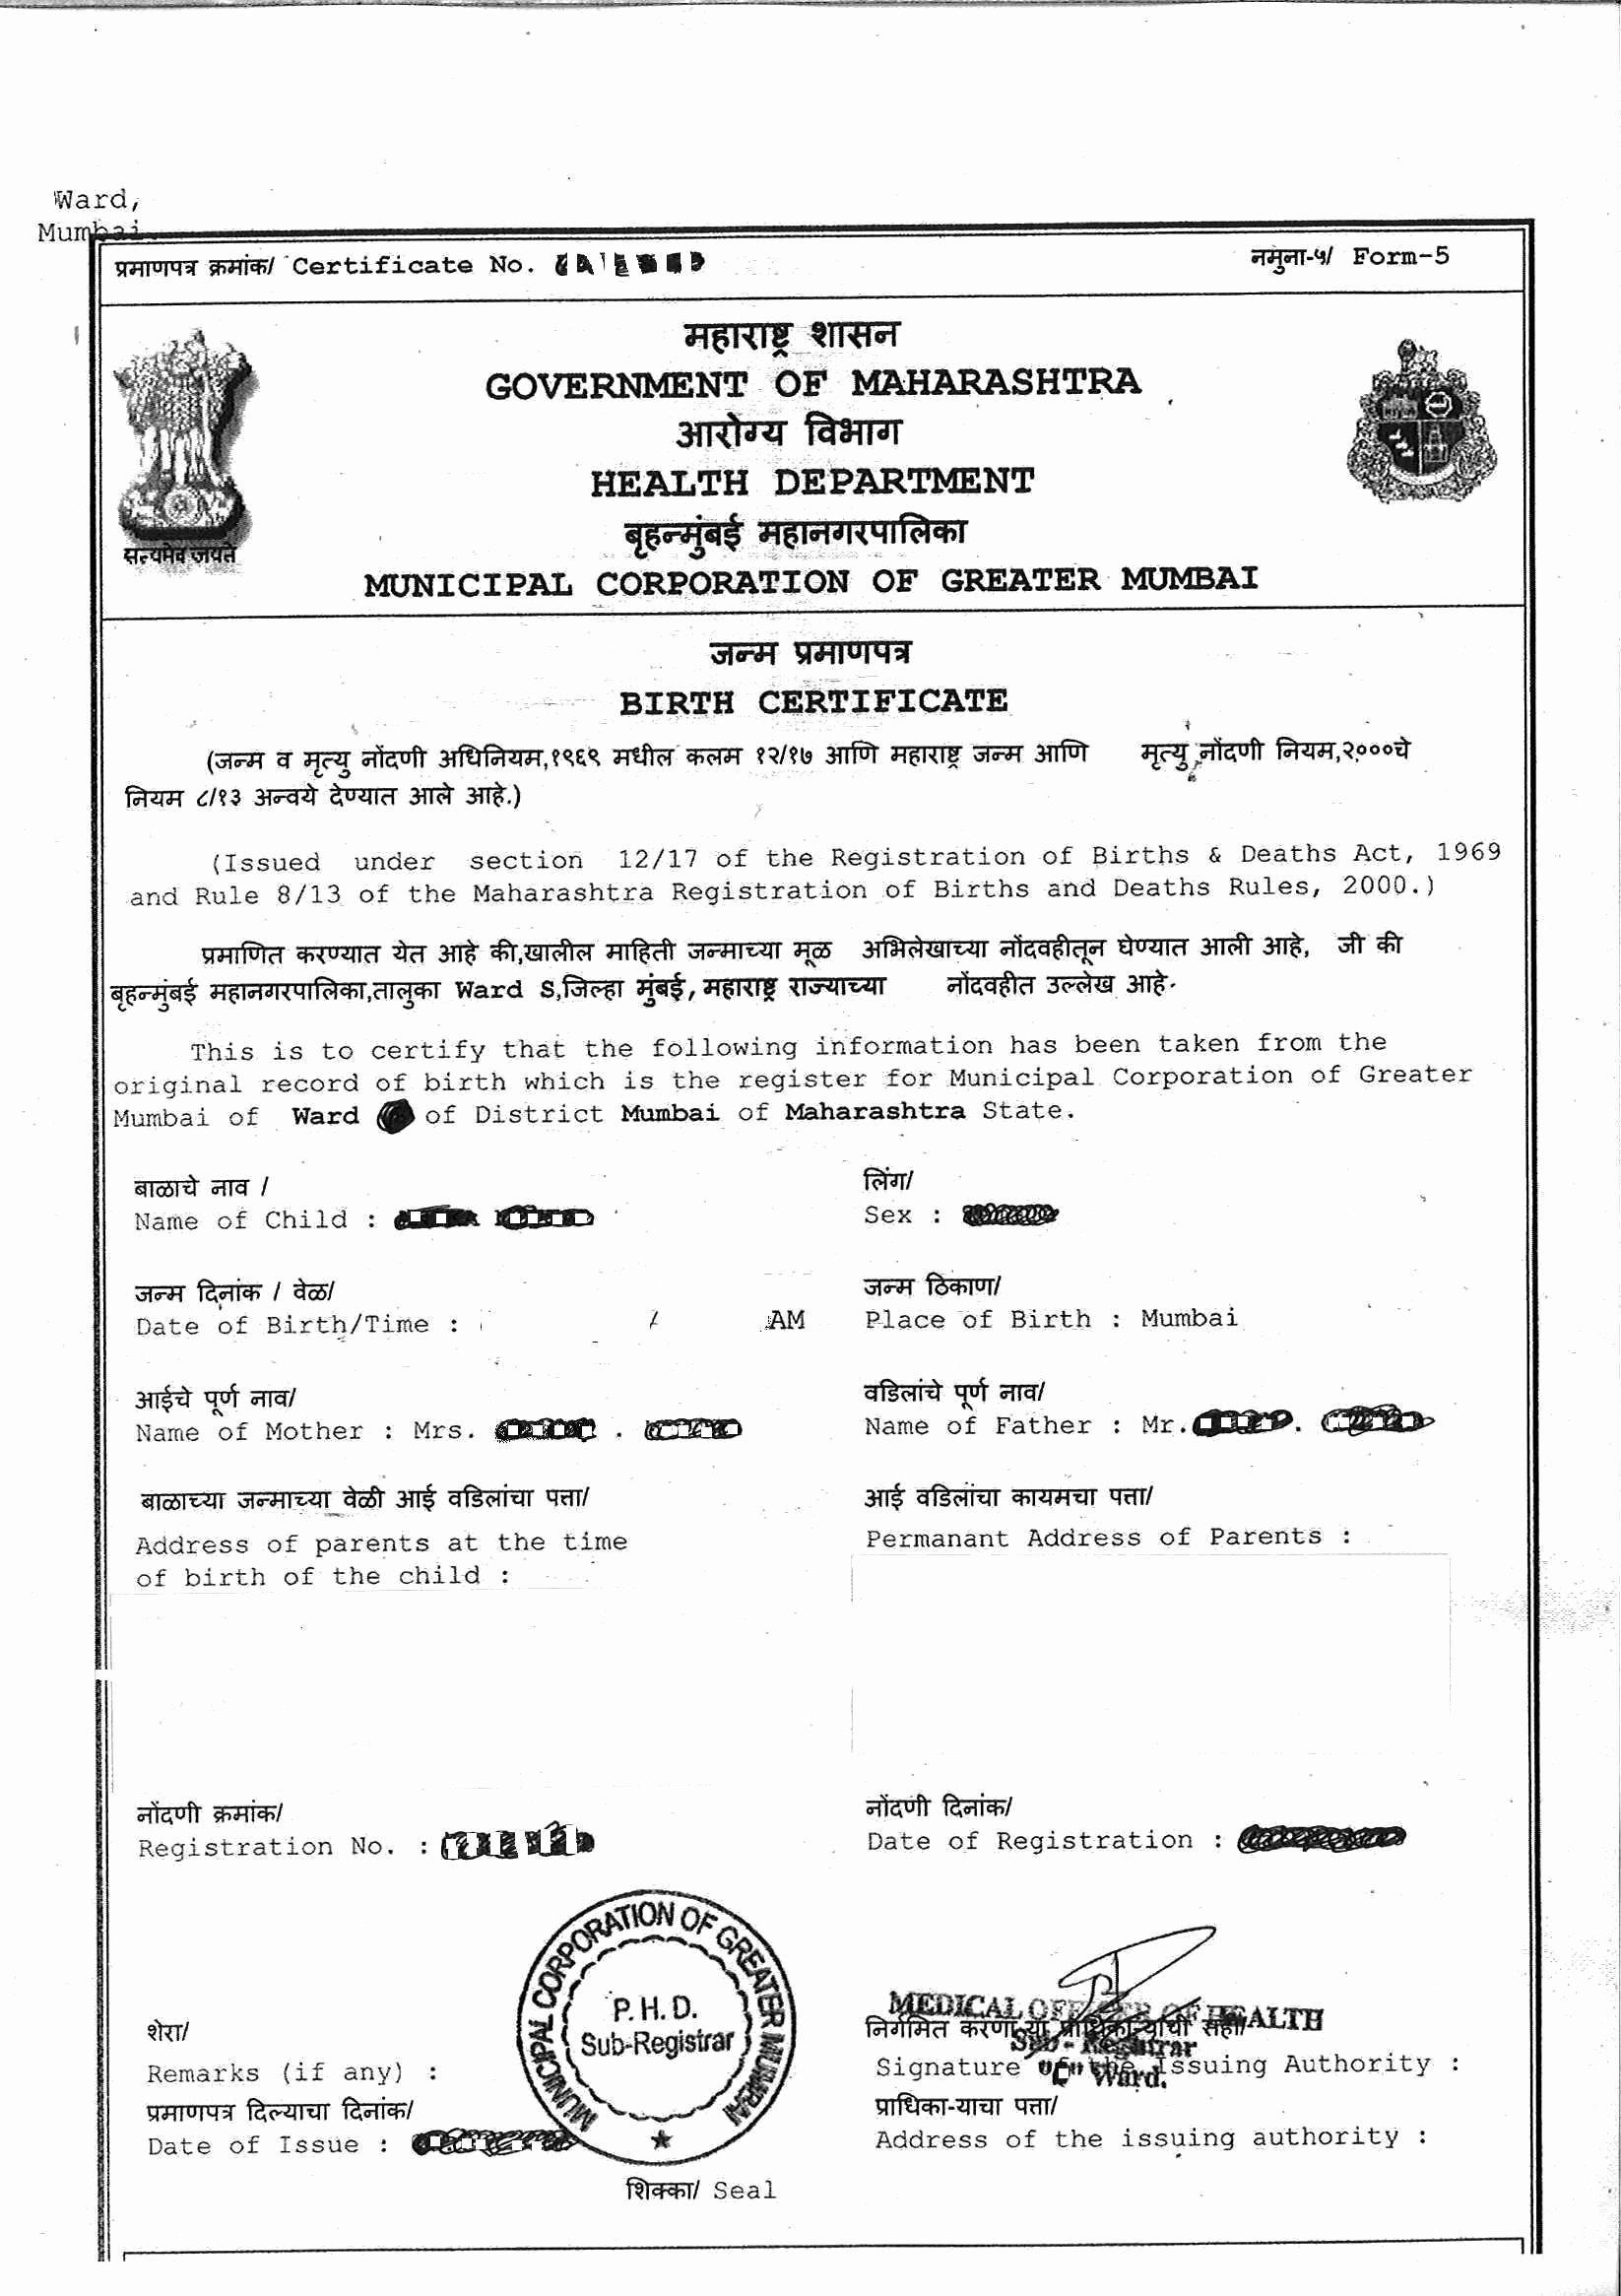 Fake Prescription Label Generator Unique Fake Death Certificate Special Fake Death Certificate Template Uk Image Collections Ia